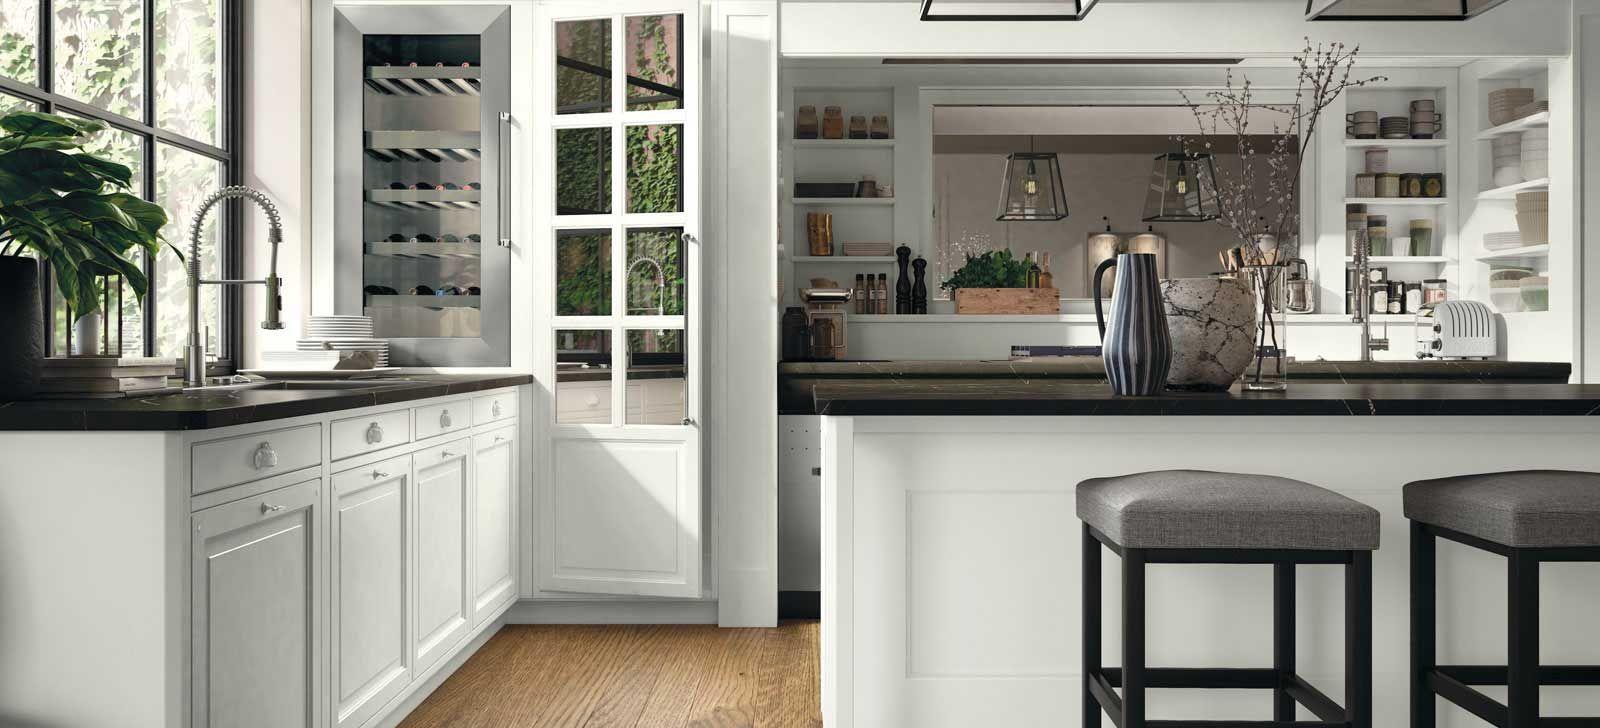 La cucina componibile contemporanea Lab 40 di Marchi Cucine in stile ...